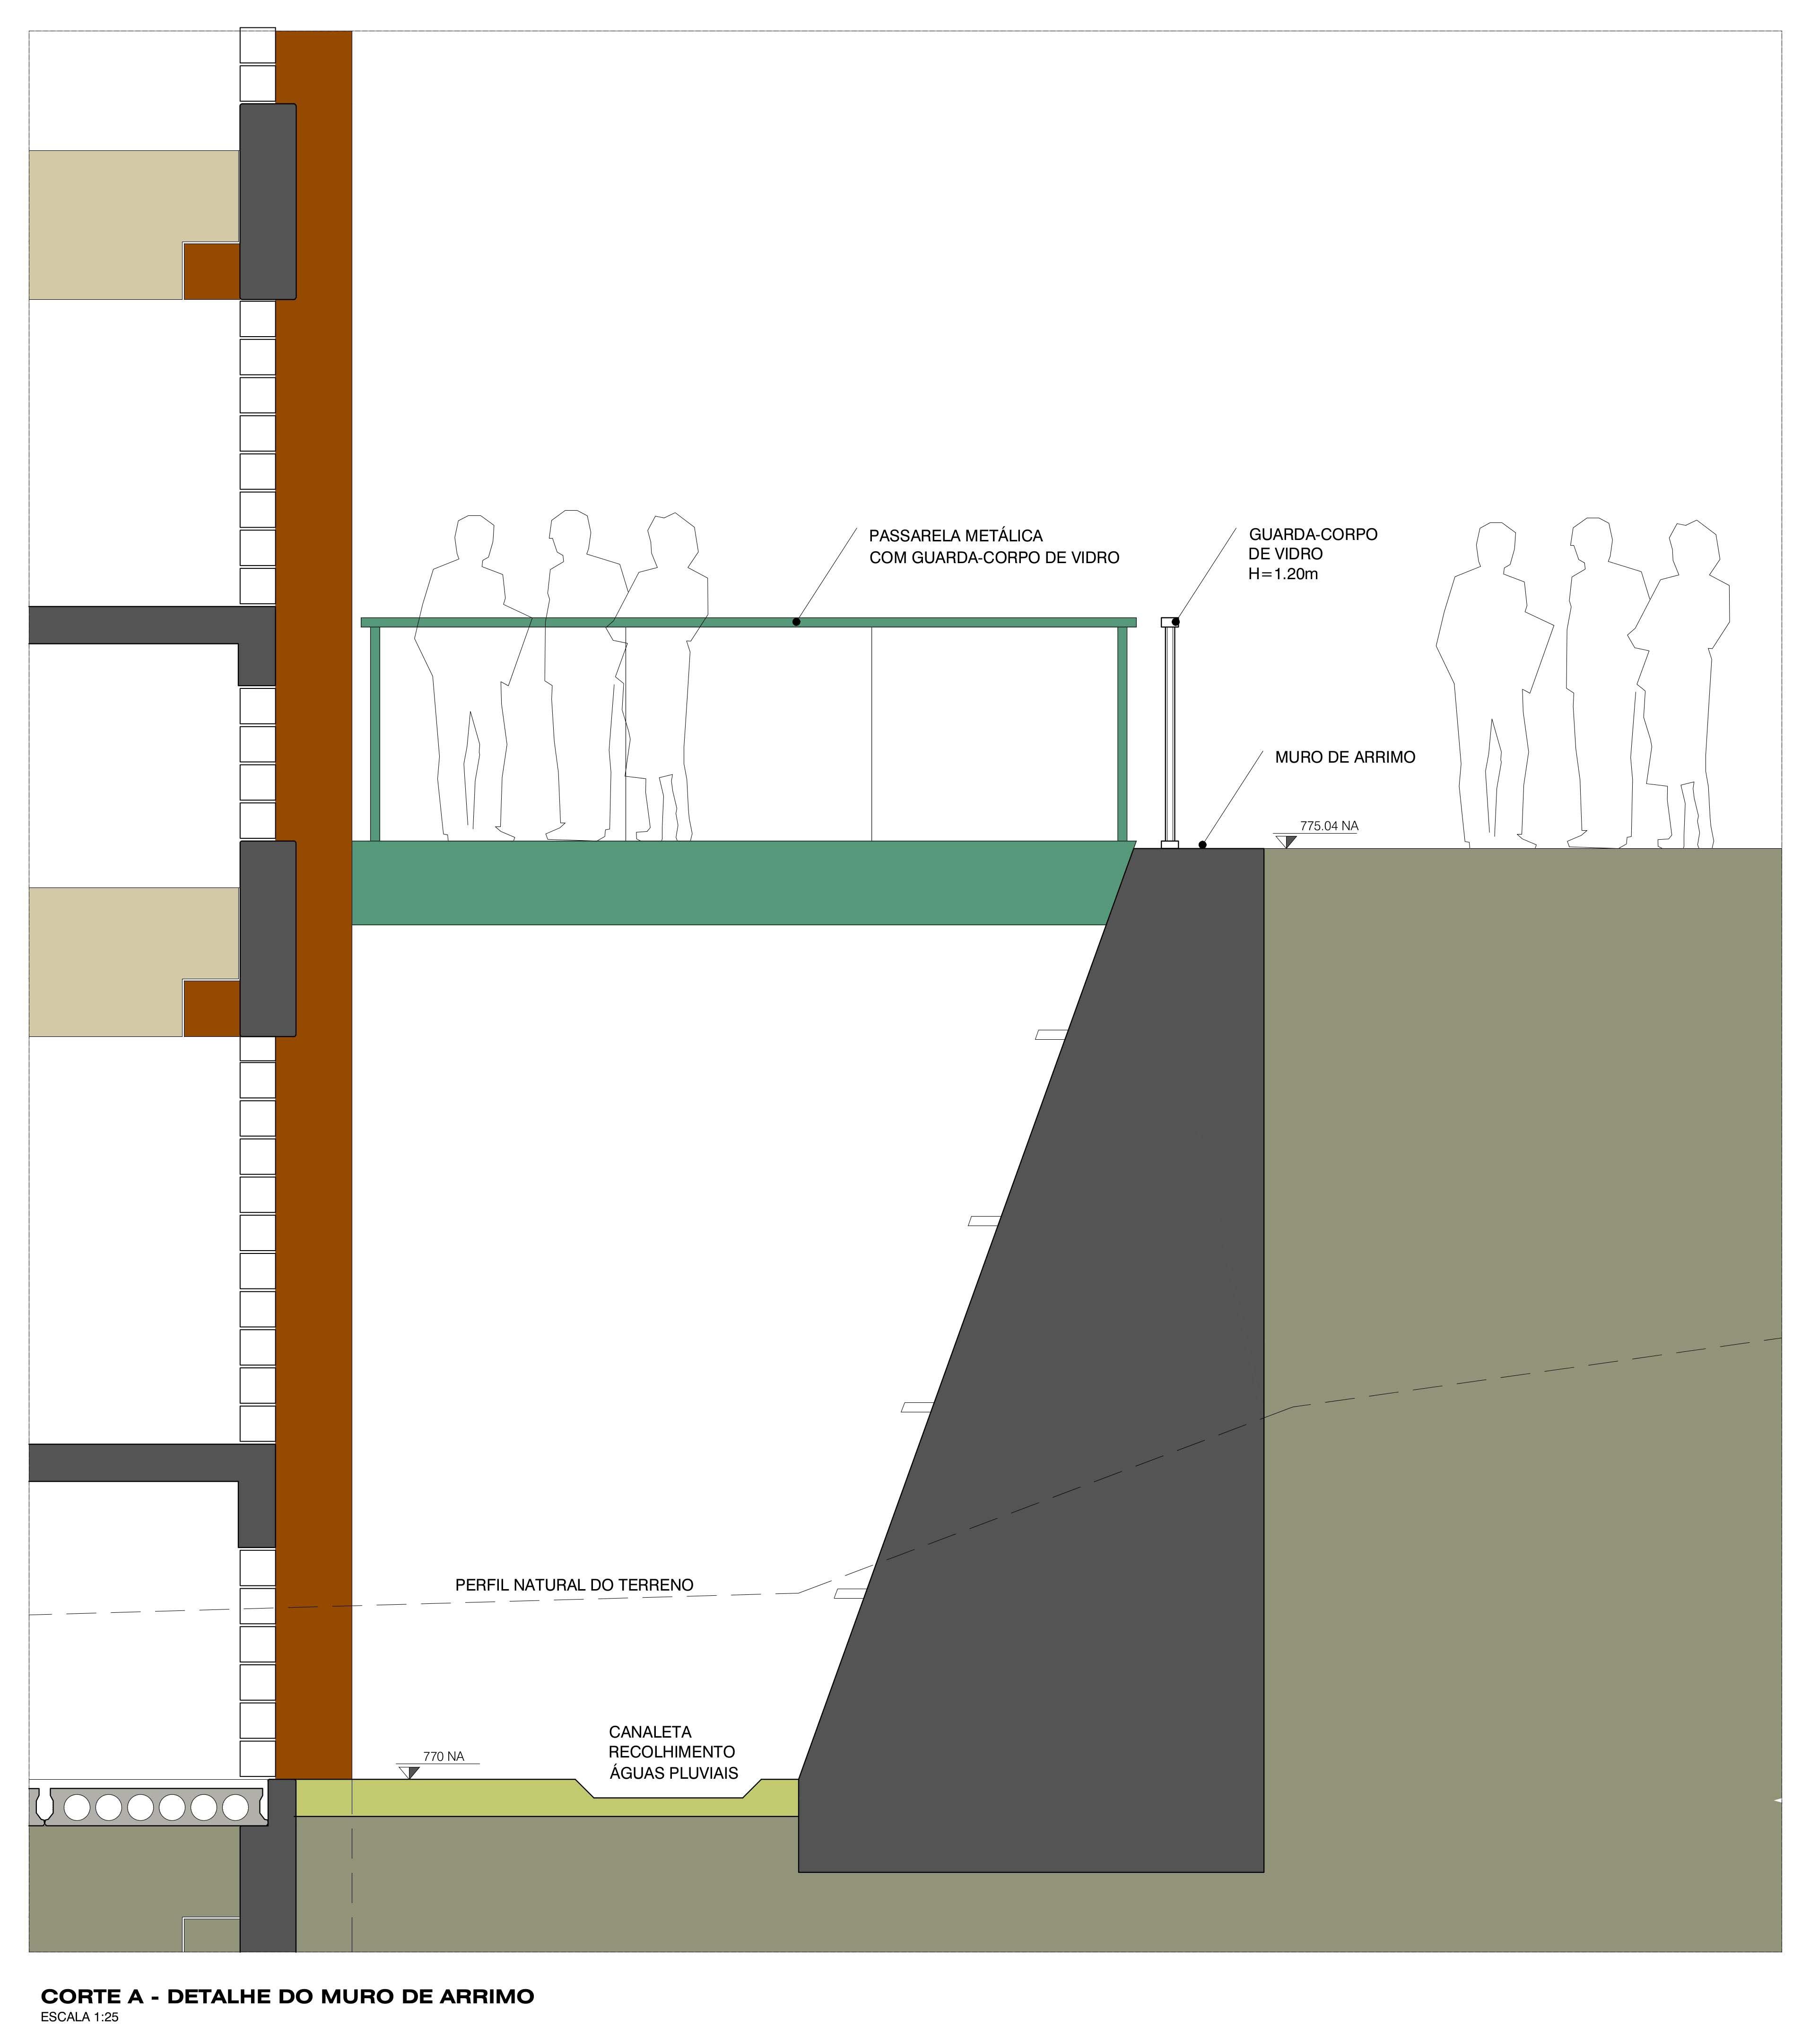 Detalhe Muro de Arrimo